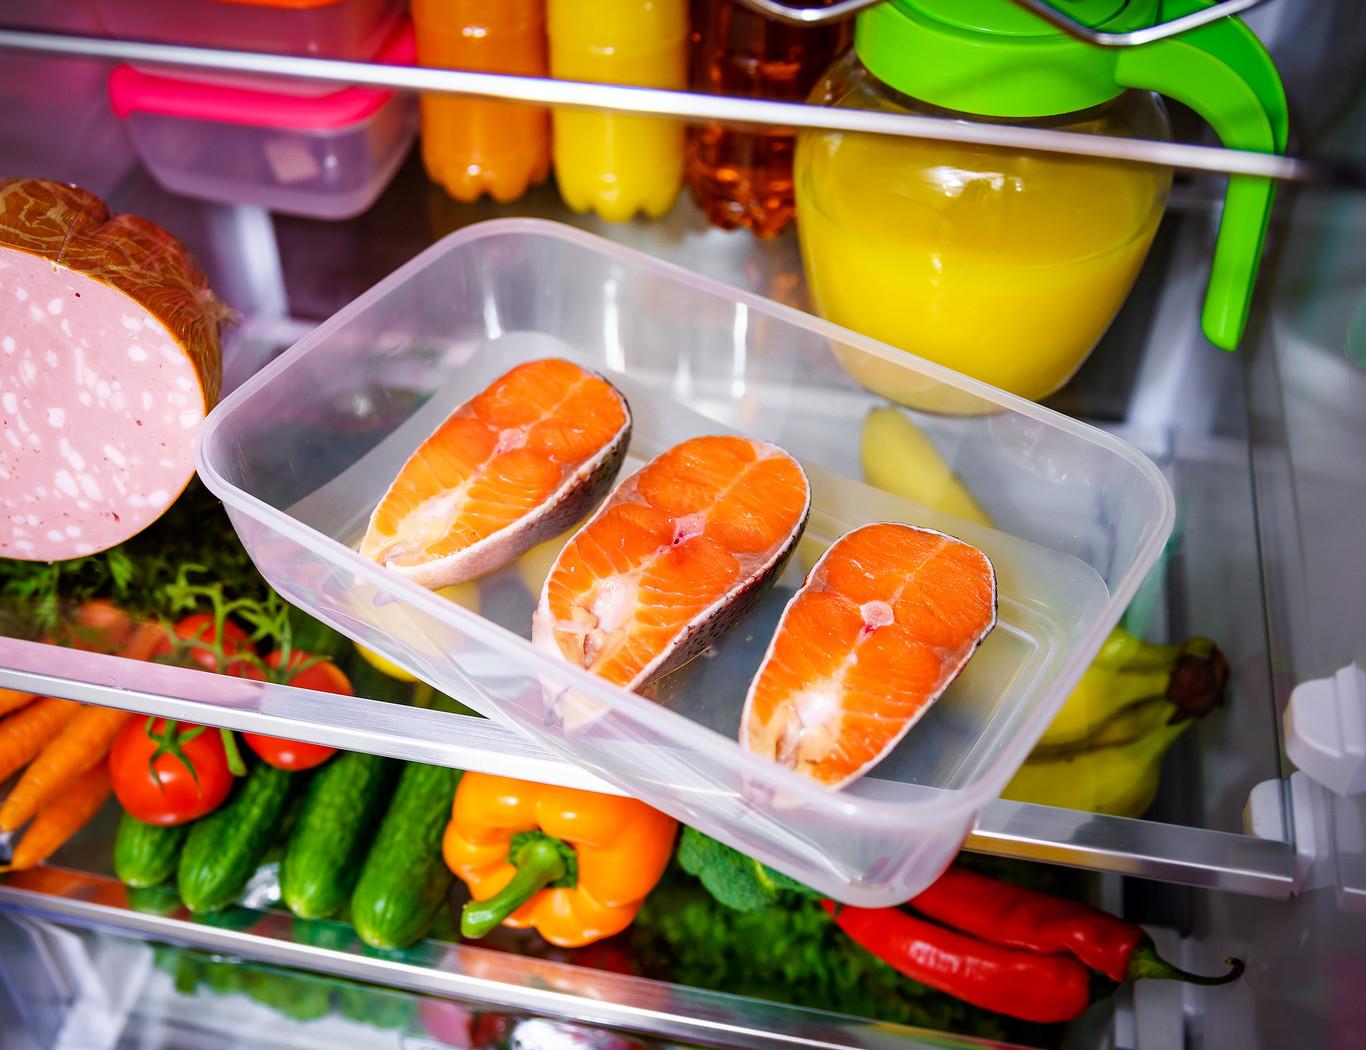 Bolsas reutilizables, posible caldo de cultivo de bacterias.